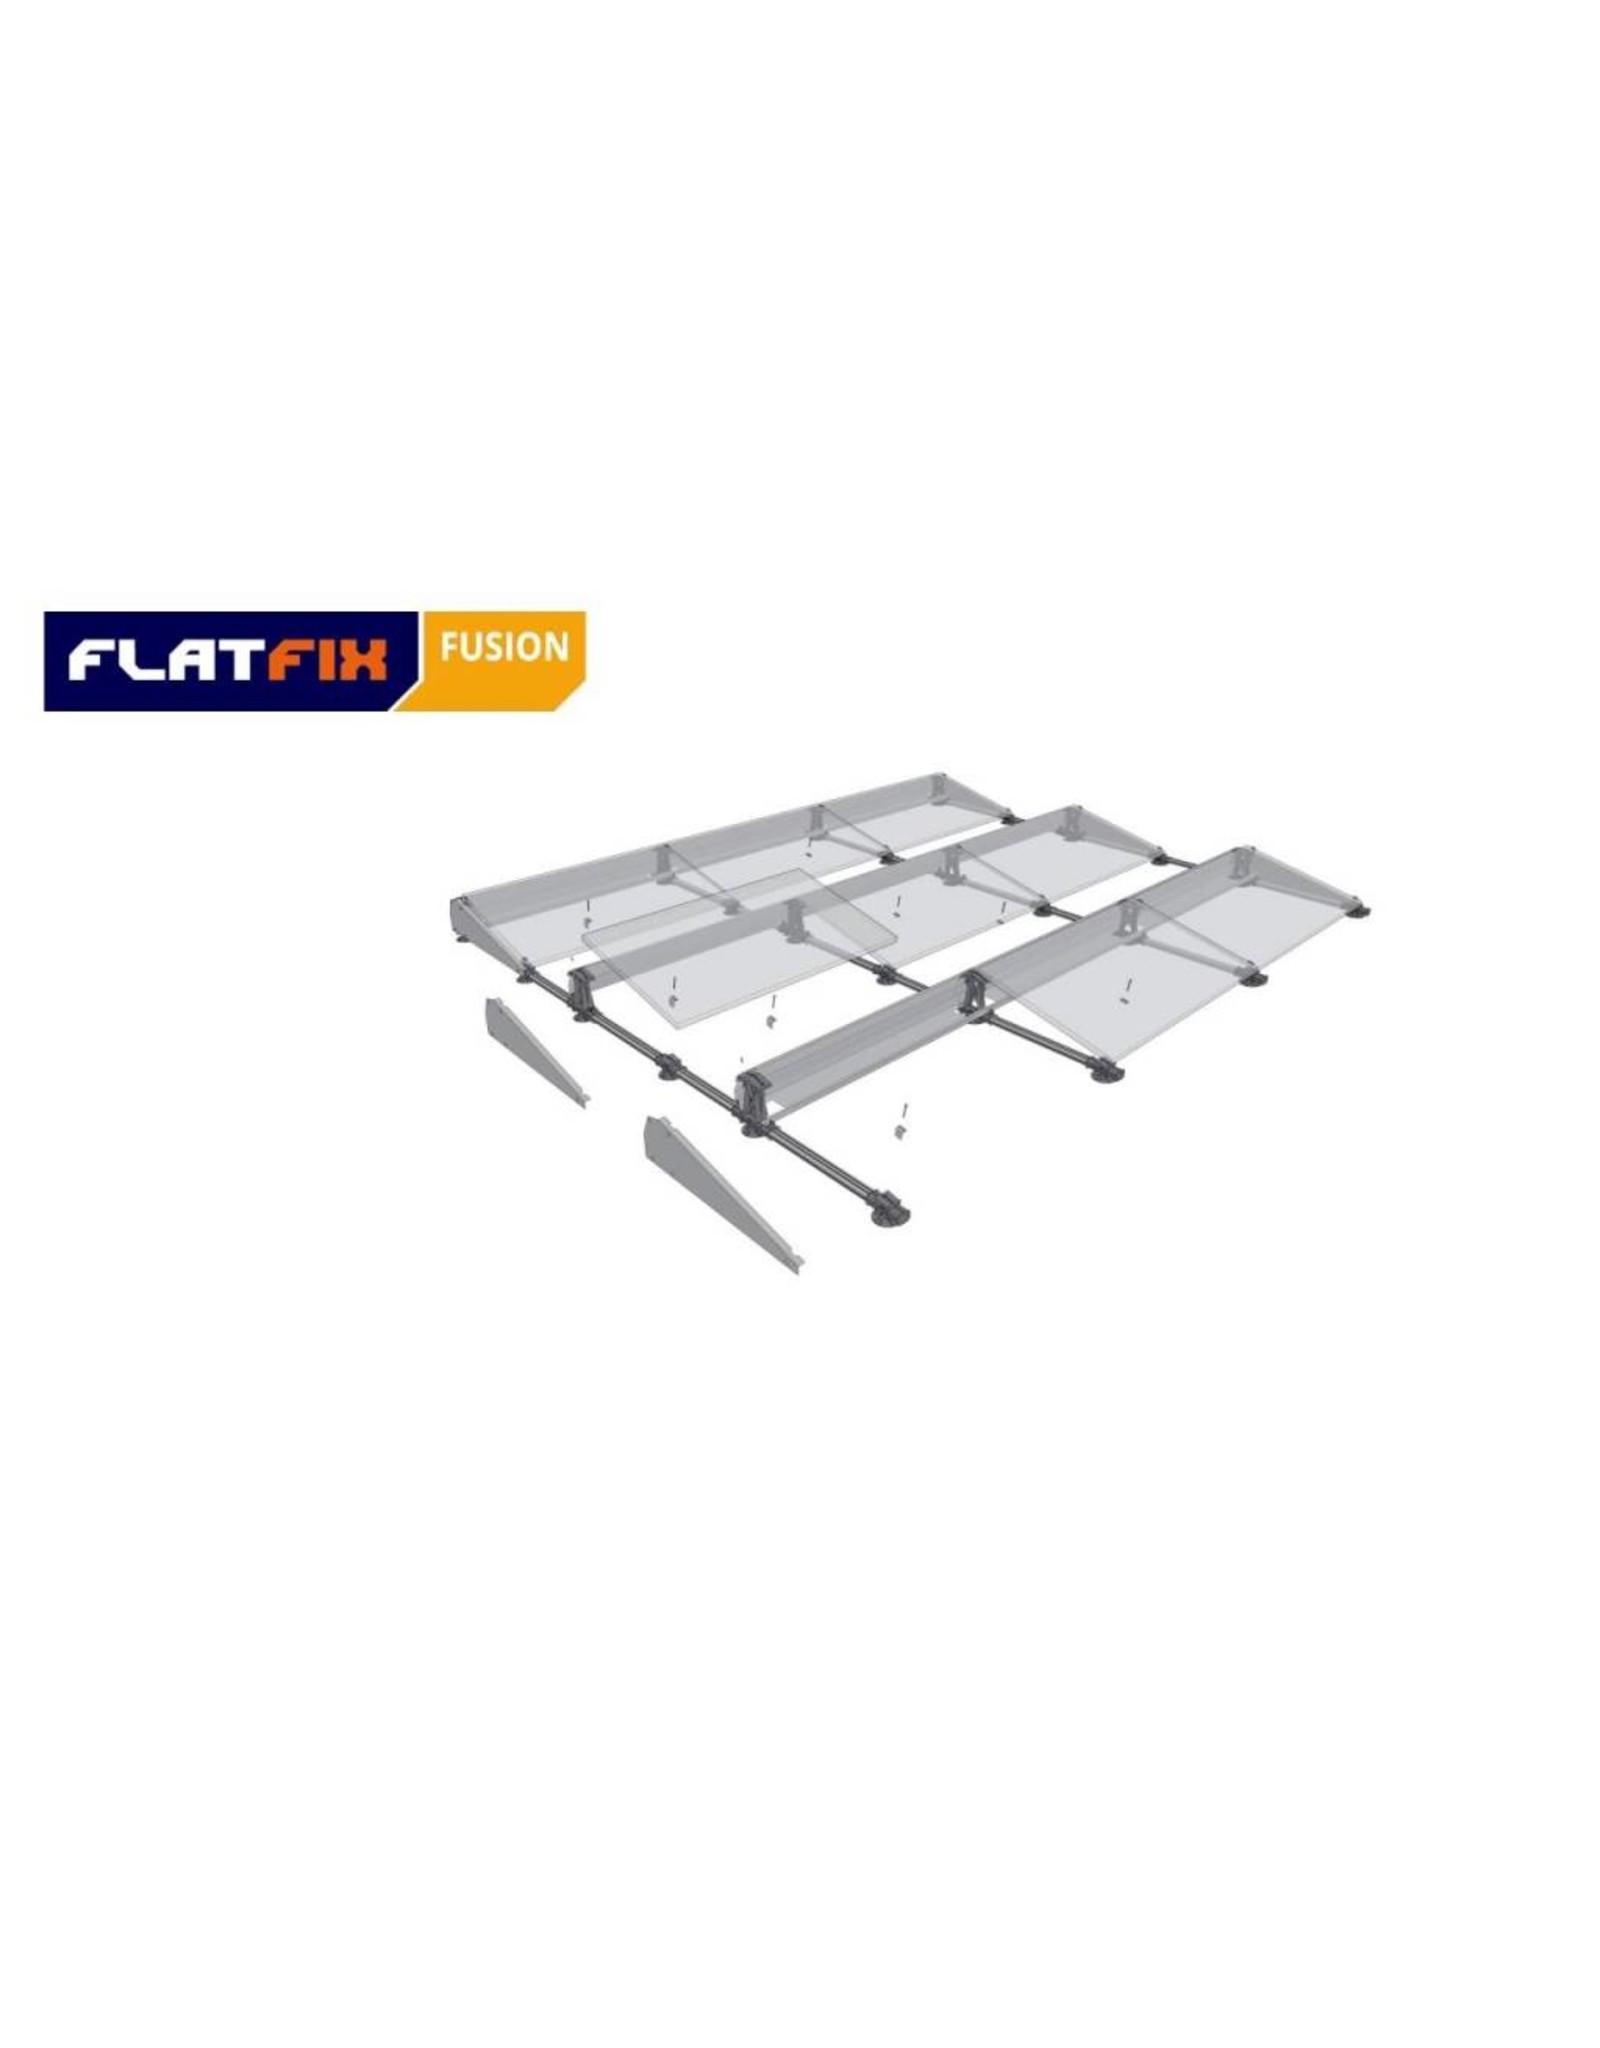 Esdec FlatFix Fusion Esdec Flatfix Fusion montagesysteem plat dak - zilver